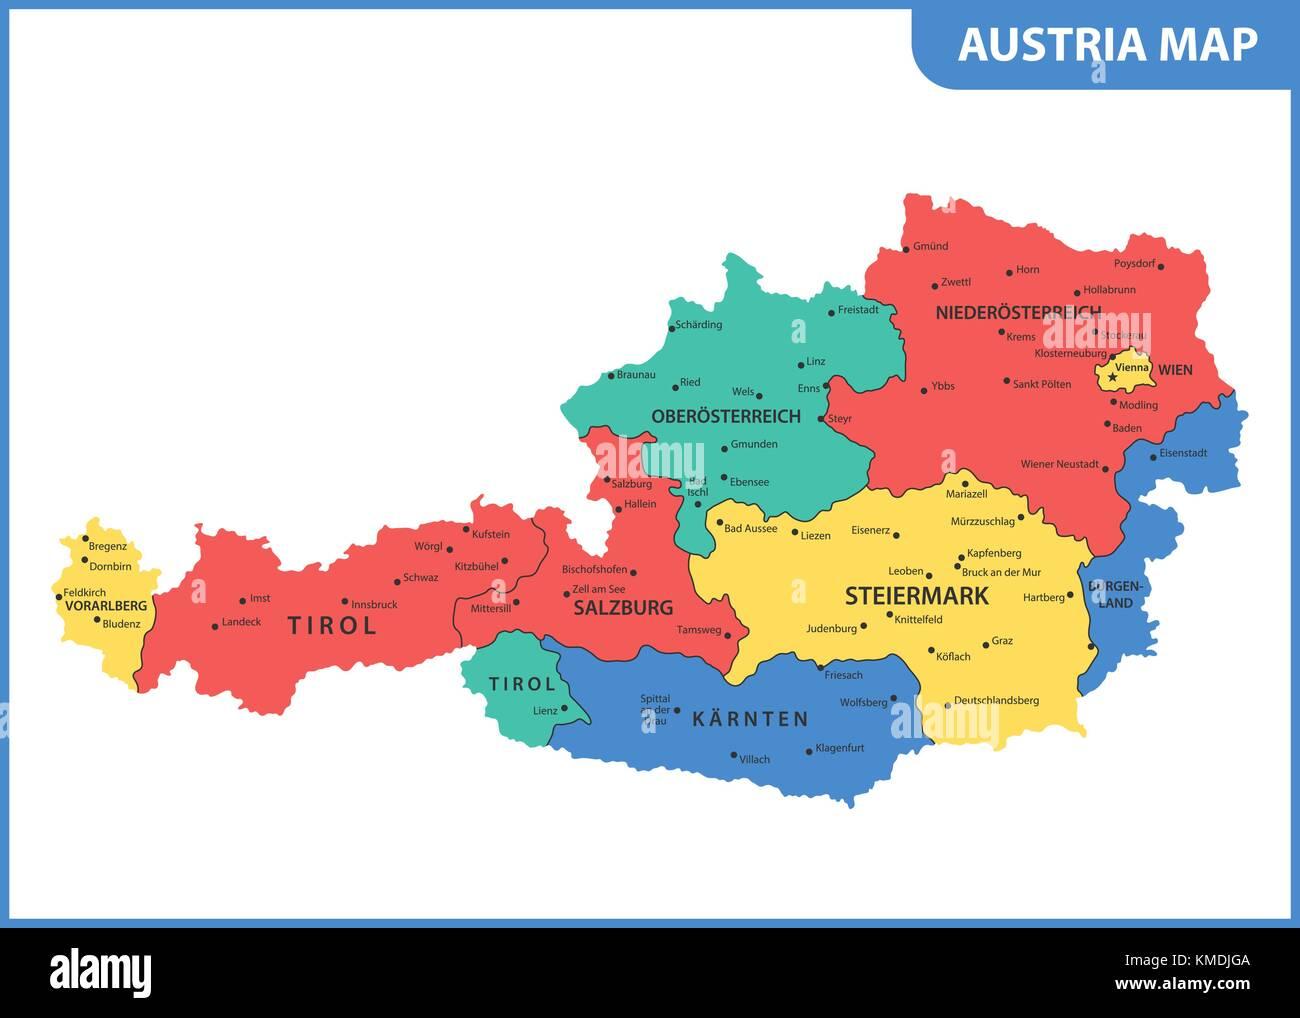 österreich karte regionen Die detaillierte Karte des Österreich mit Regionen oder Staaten  österreich karte regionen